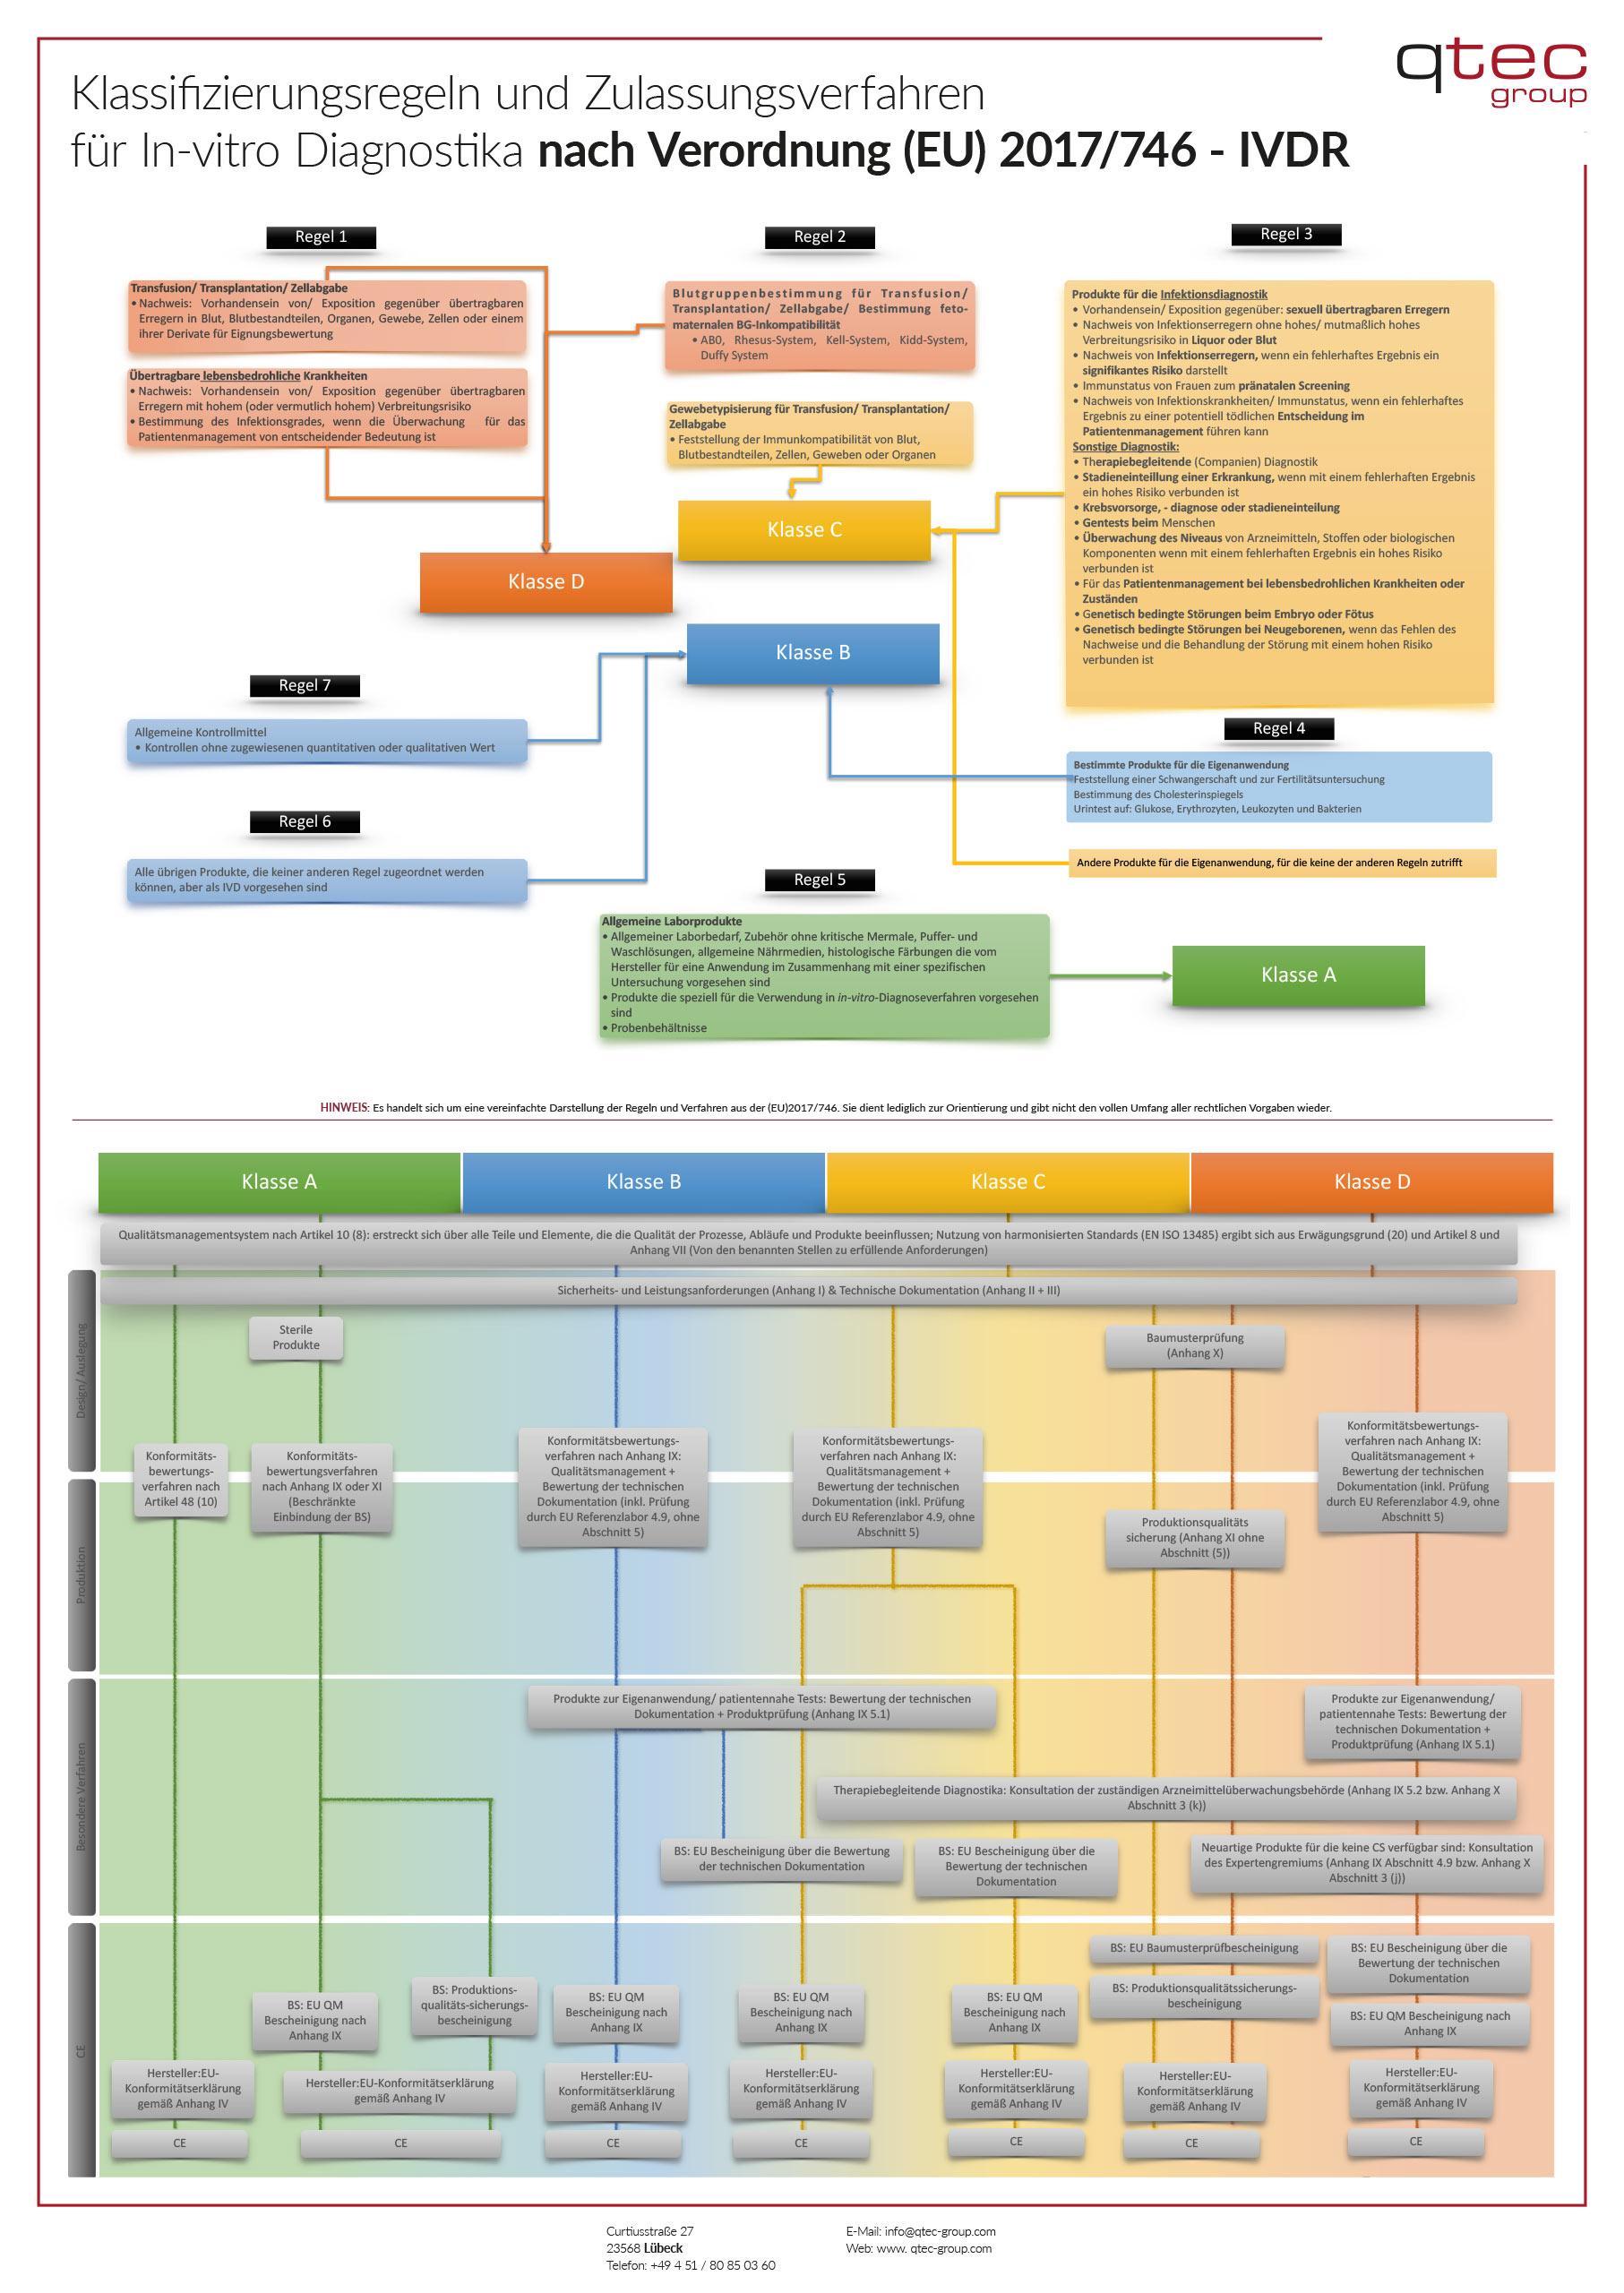 Klassifizierung und Konformitätsbewertung von IVD unter der IVDR